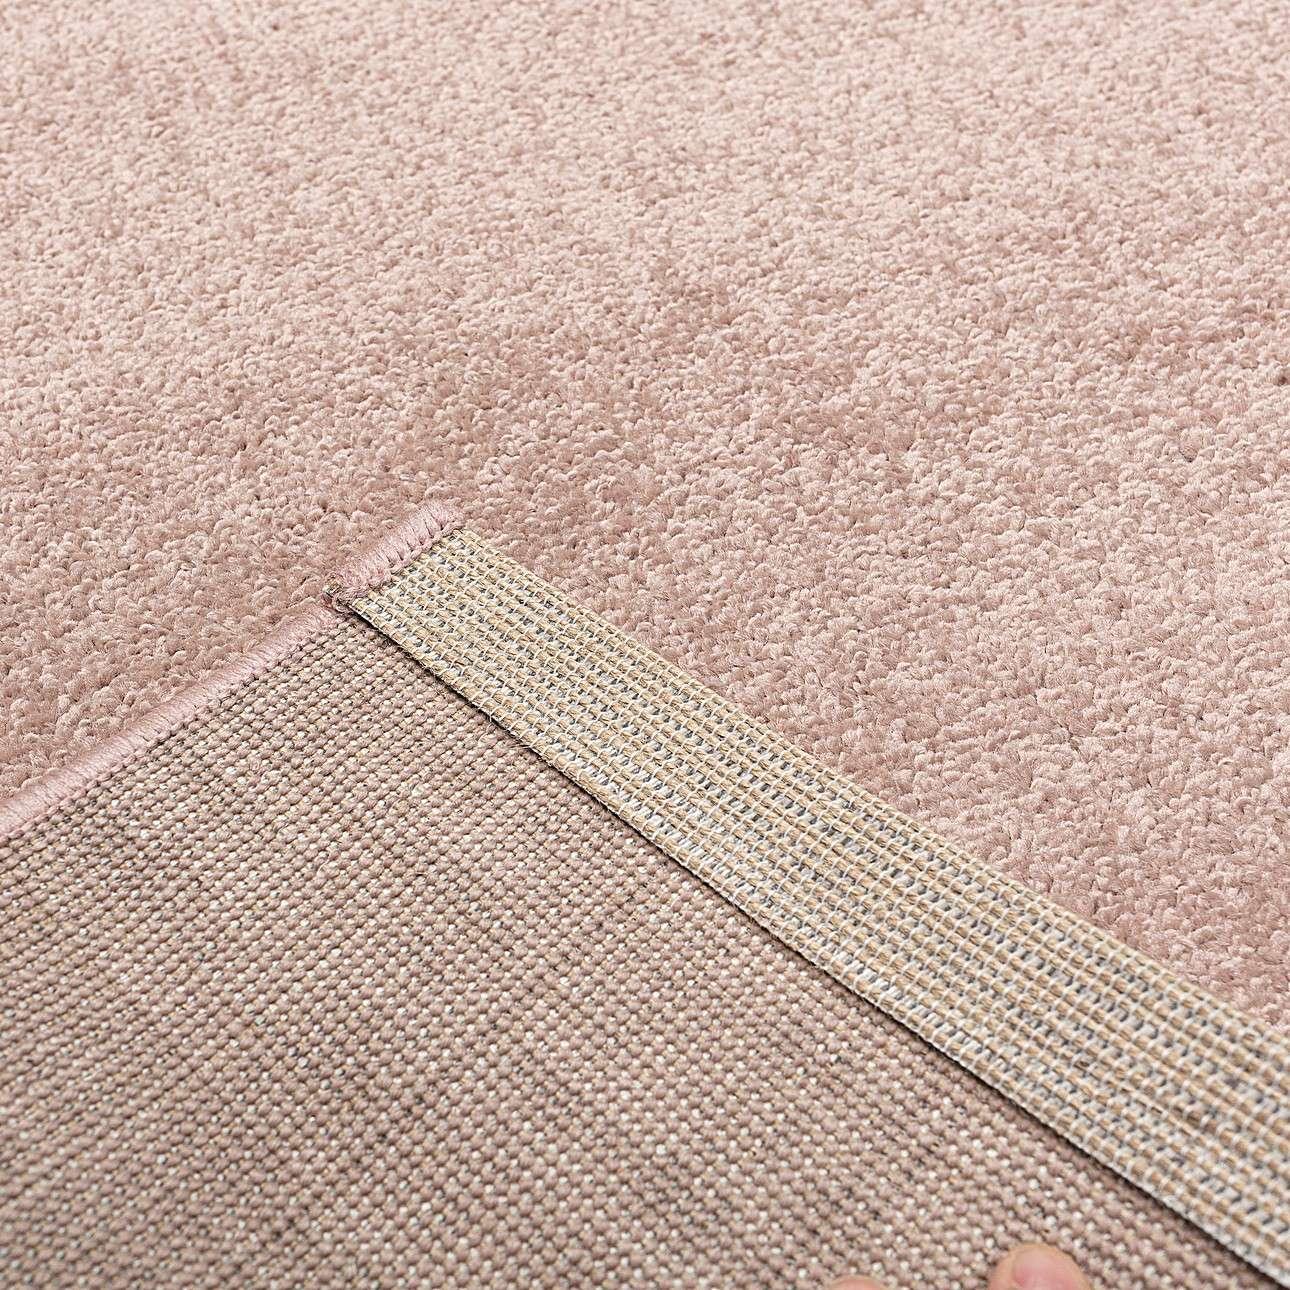 Teppich Casino soft rose 120x170cm